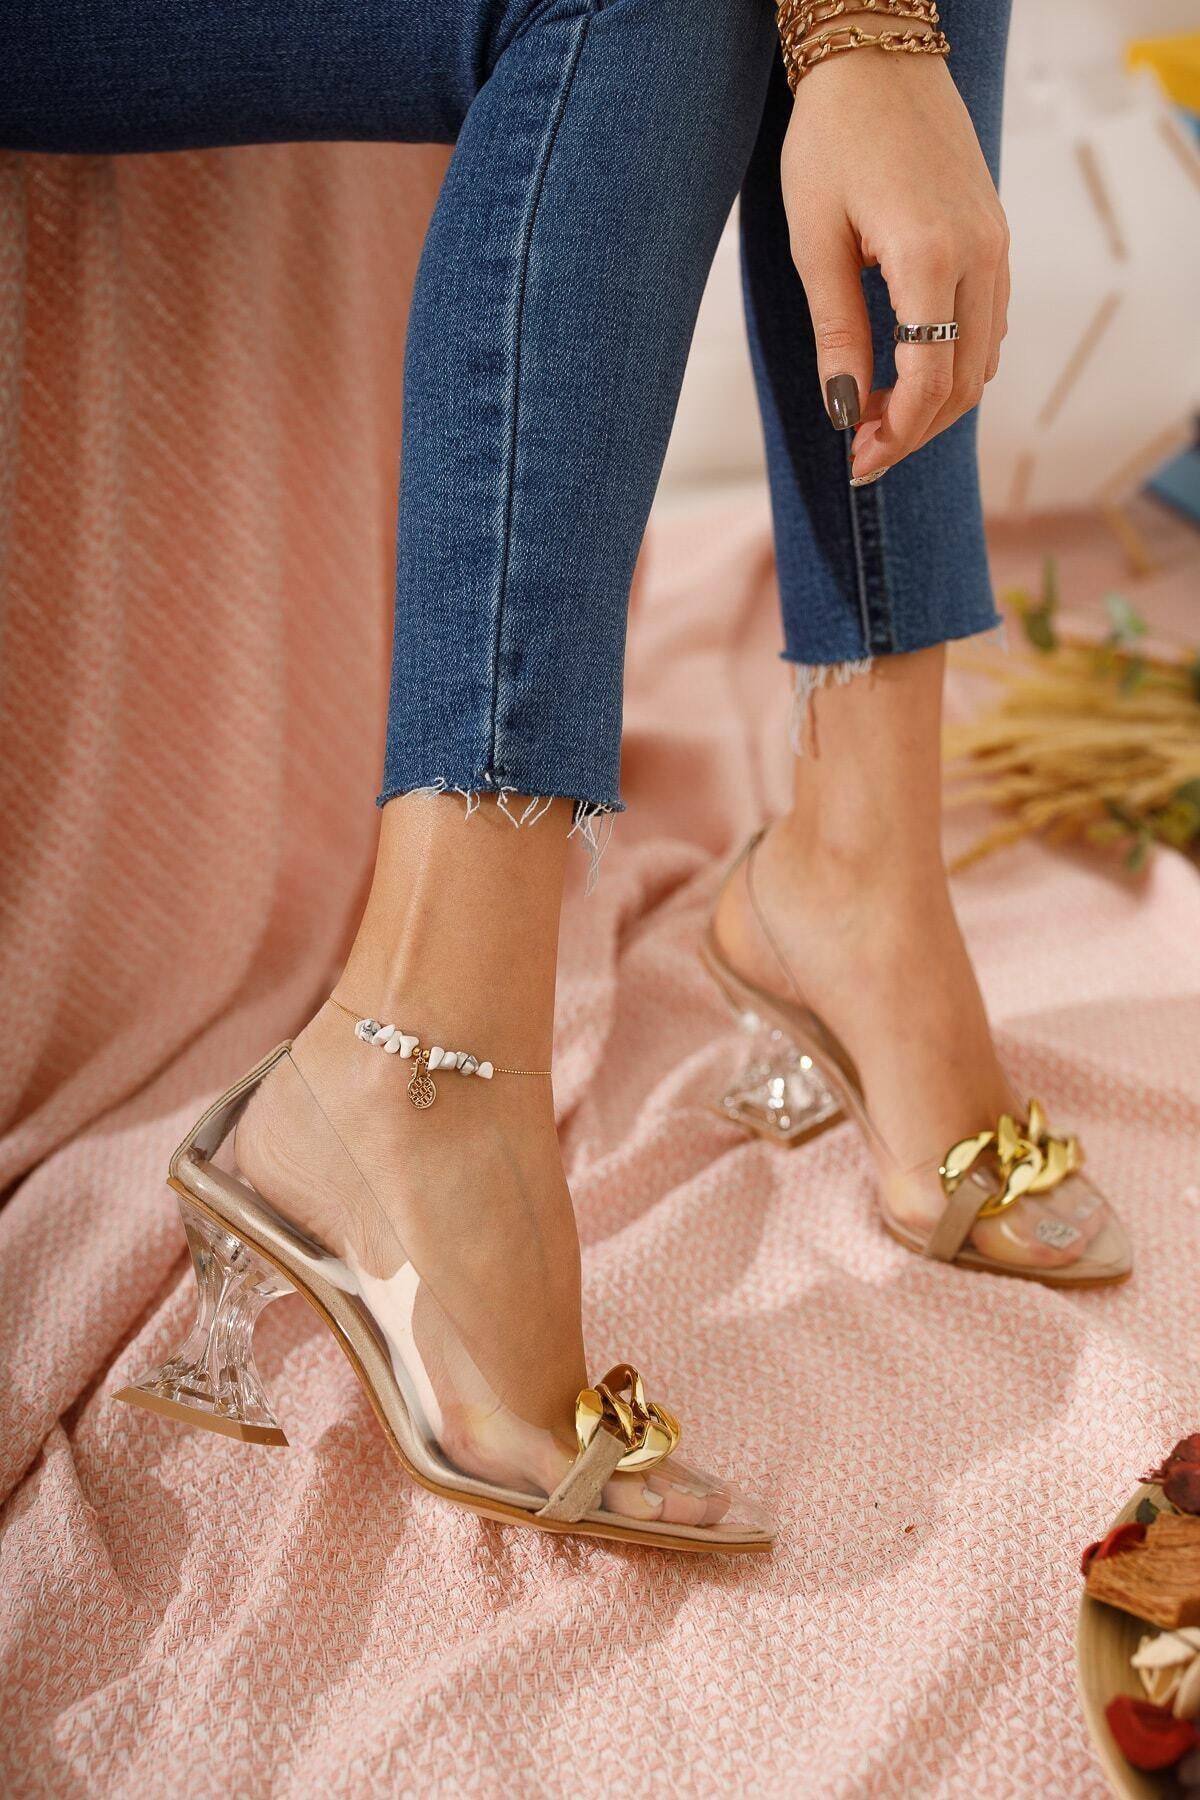 FORS SHOES Kadın Ayakkabı Ten Süet Tokalı Şeffaf Topuklu Ayakkabı 2